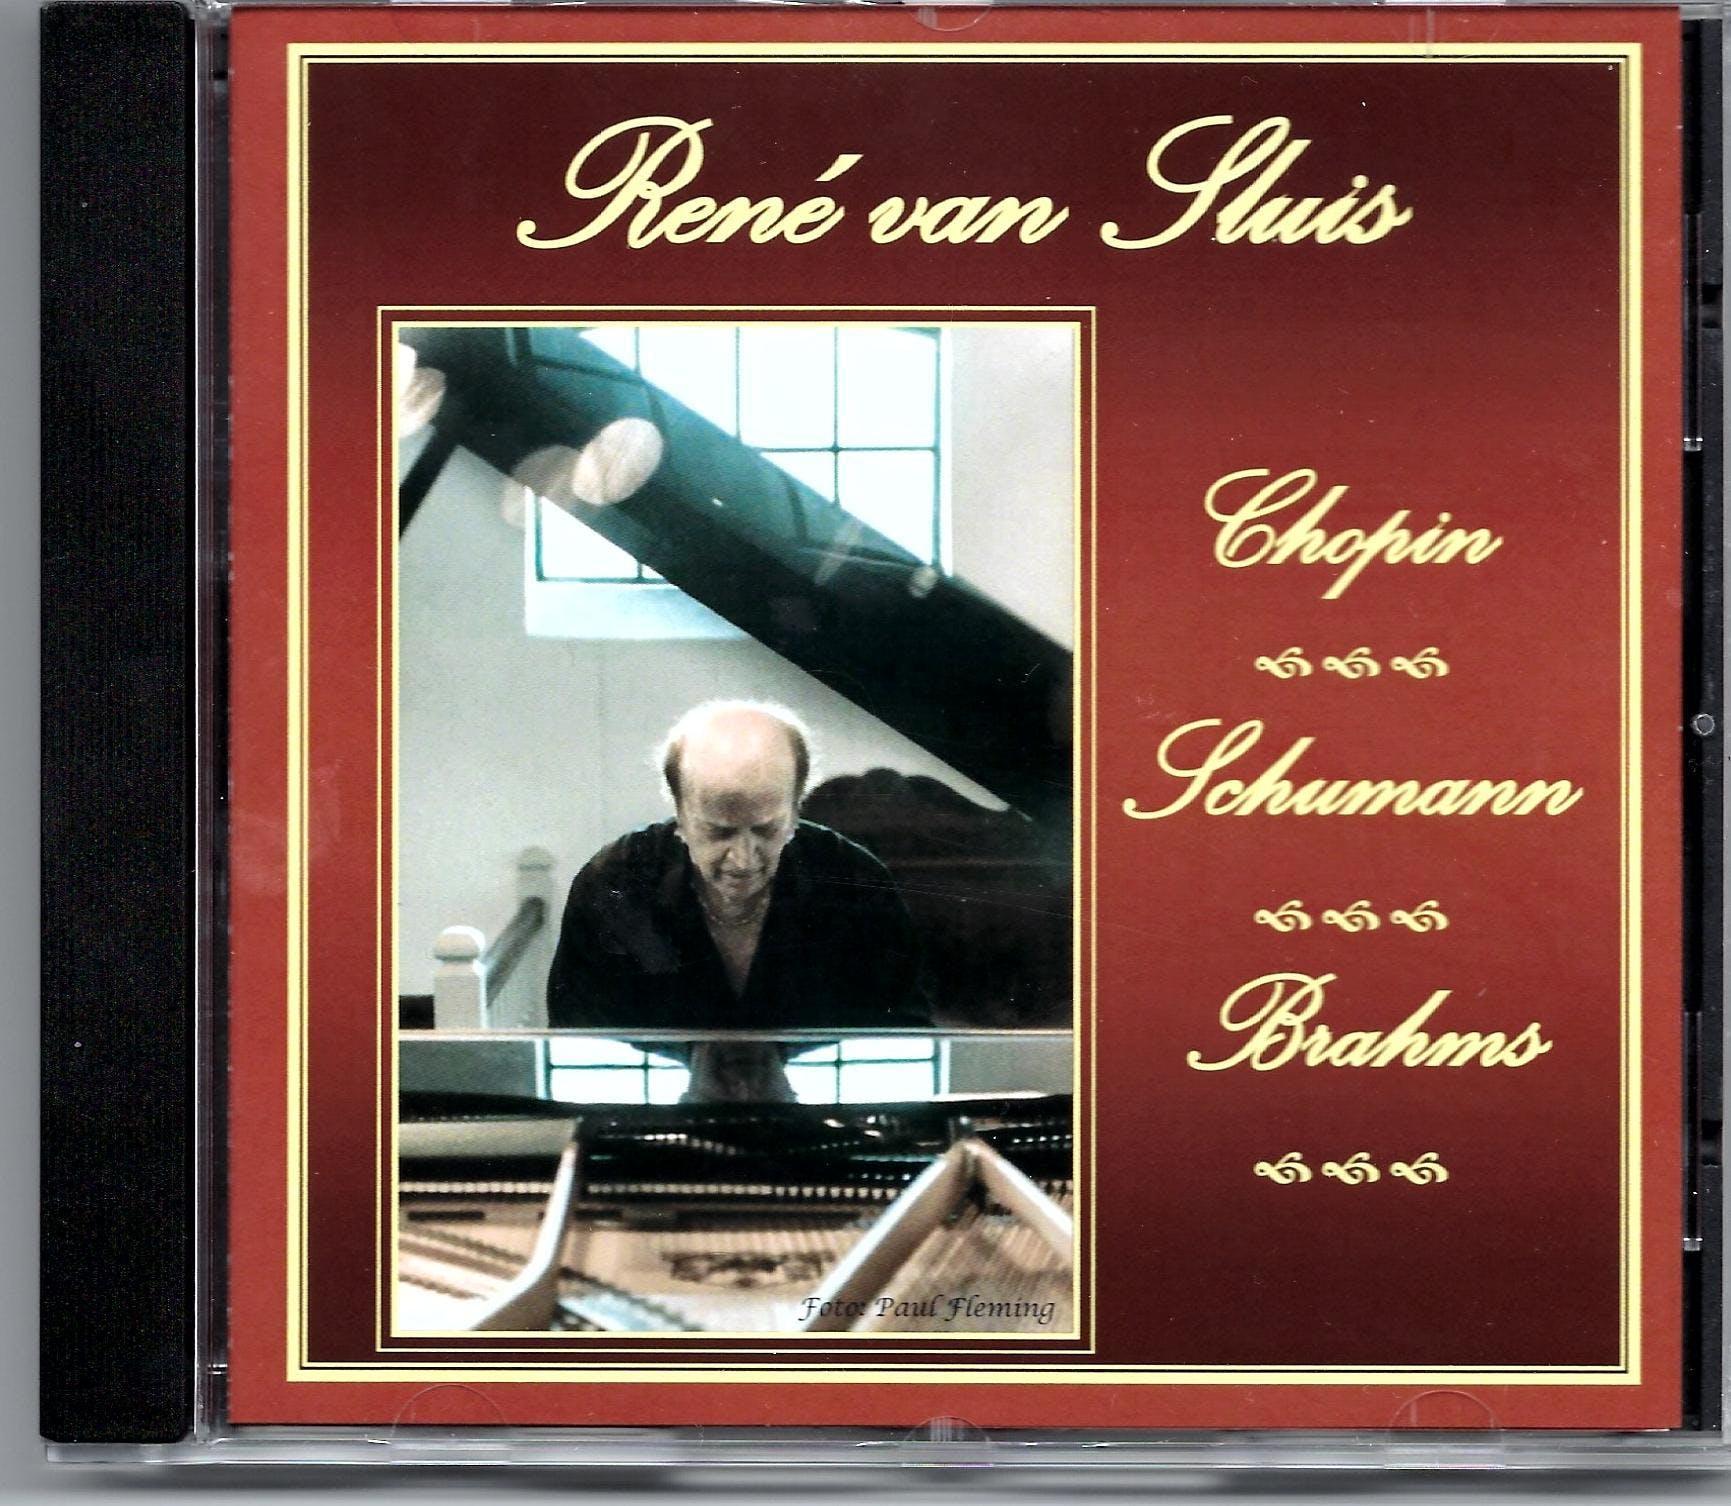 Concertpianist René van Sluis presenteert zij